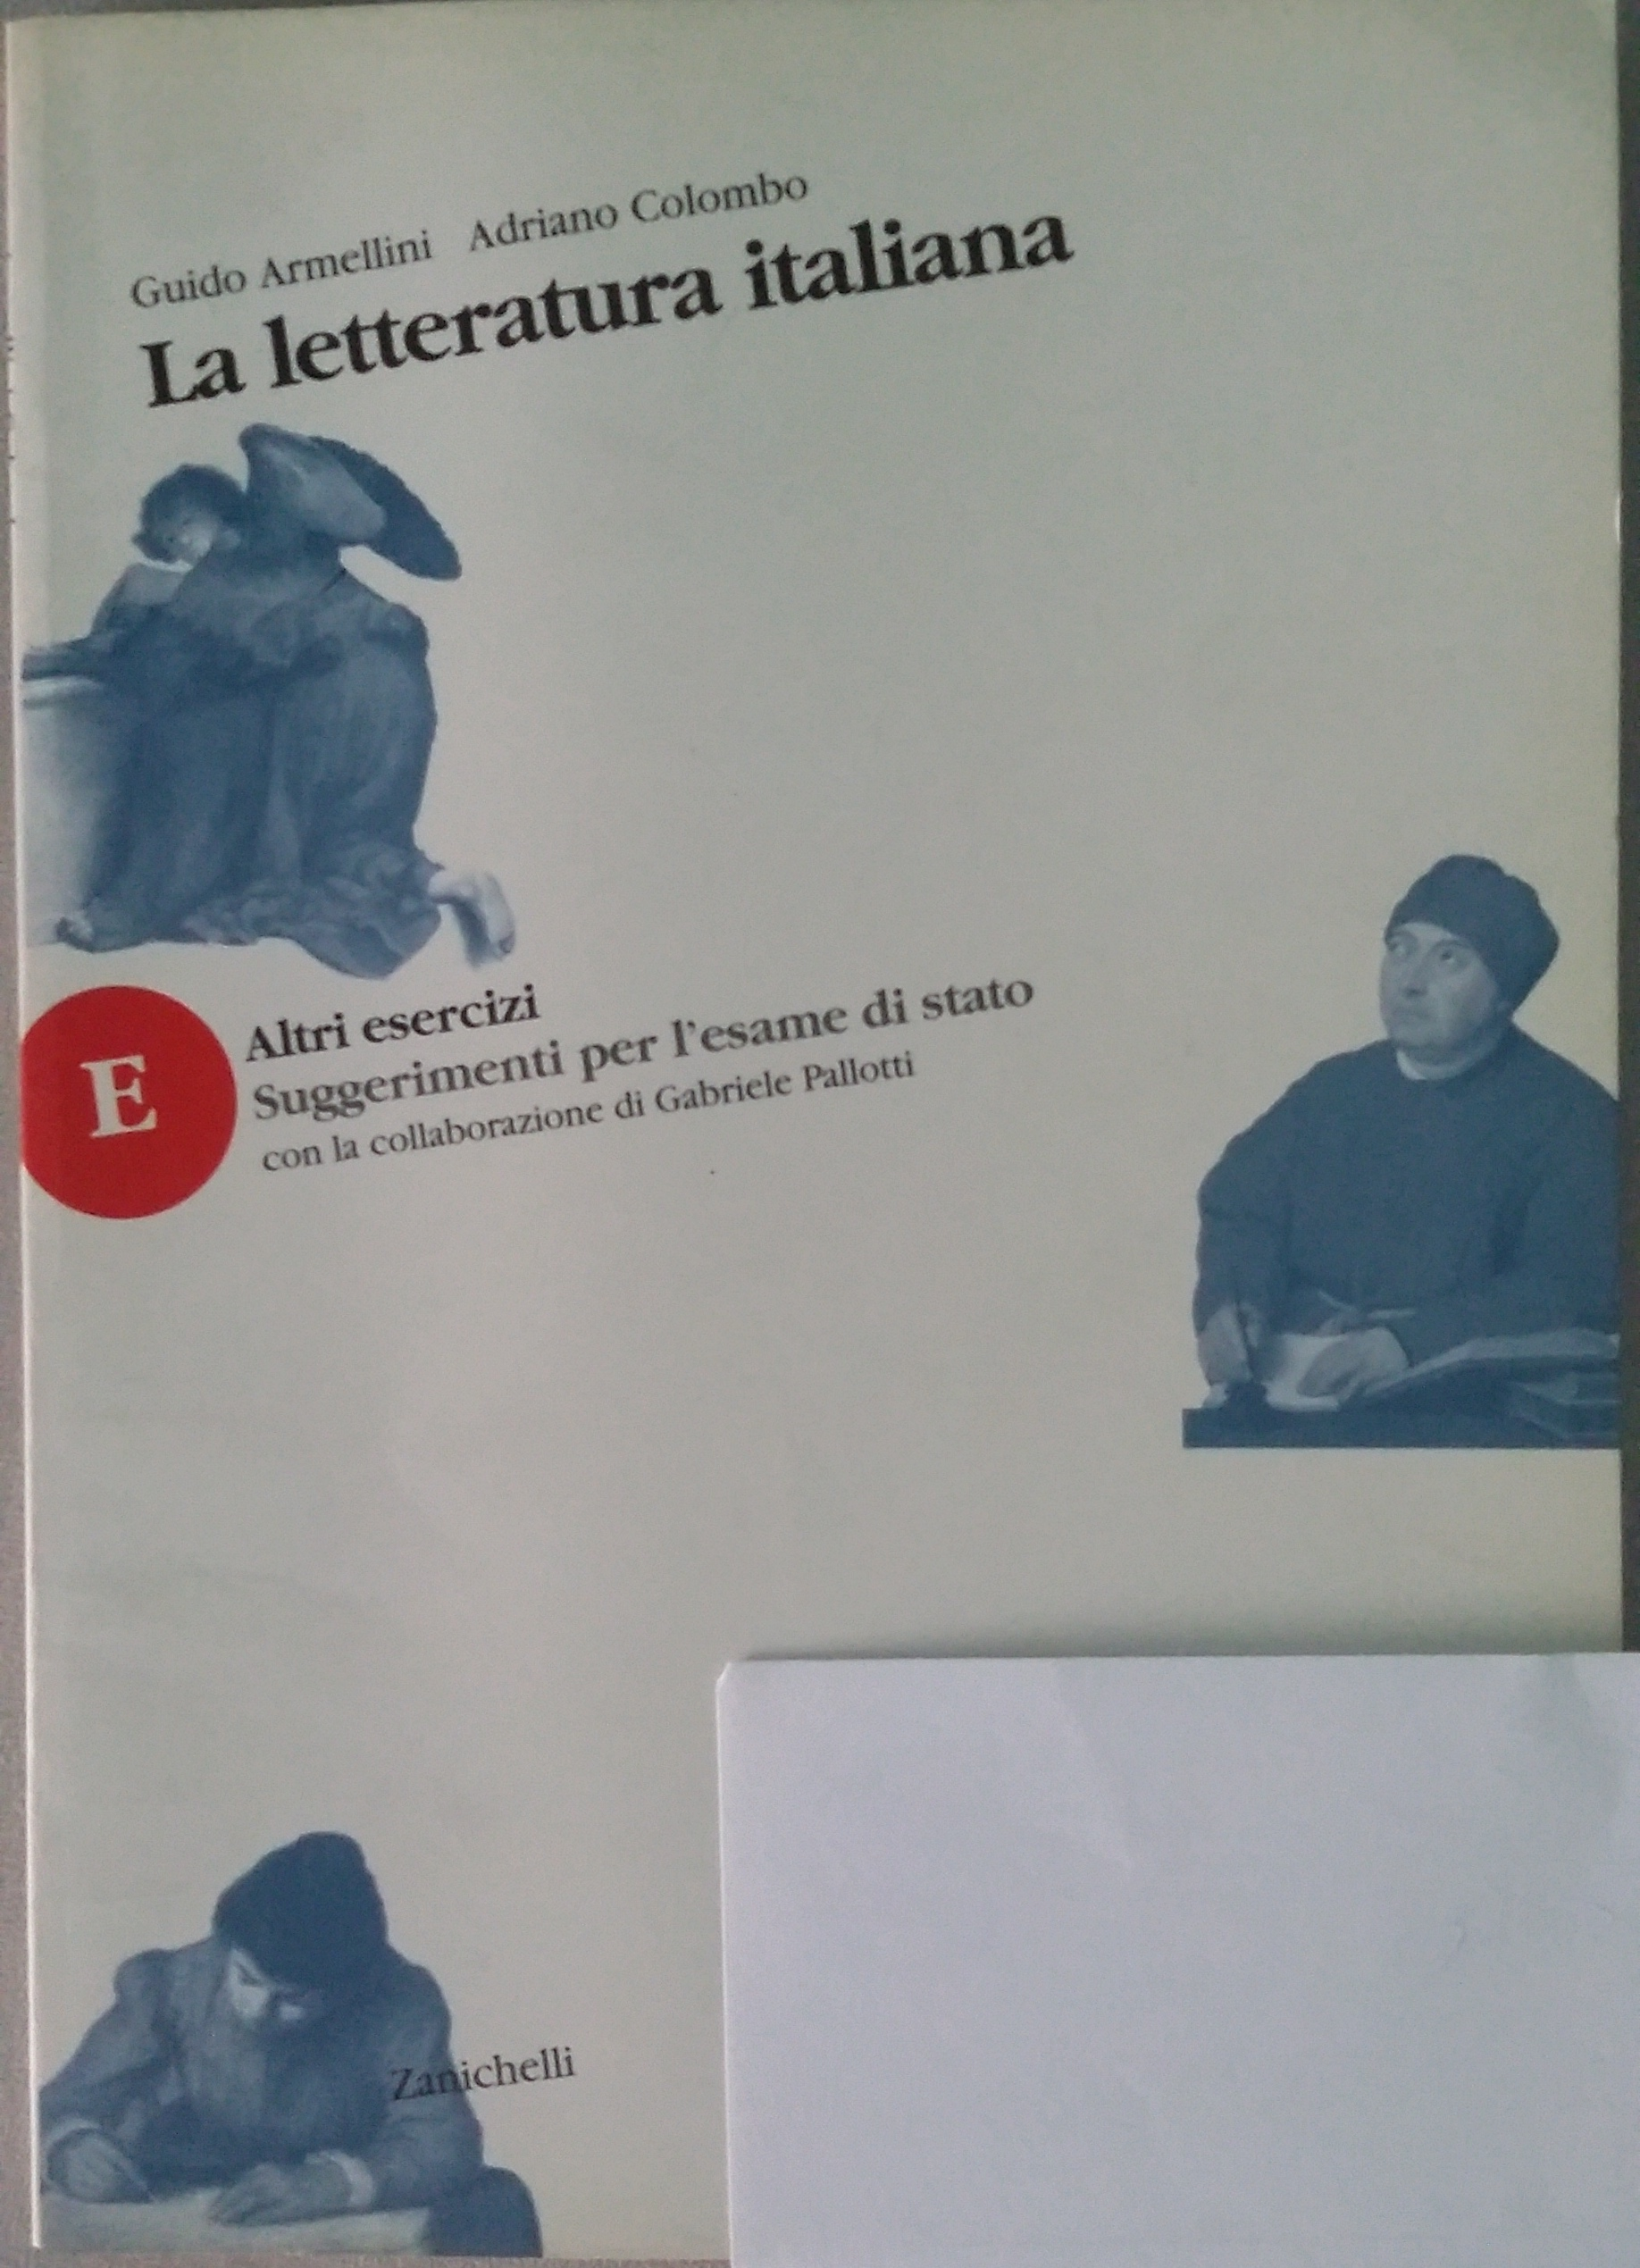 La letteratura italiana. Altri esercizi. Suggerimenti per l'esame di Stato. Per le Scuole superiori